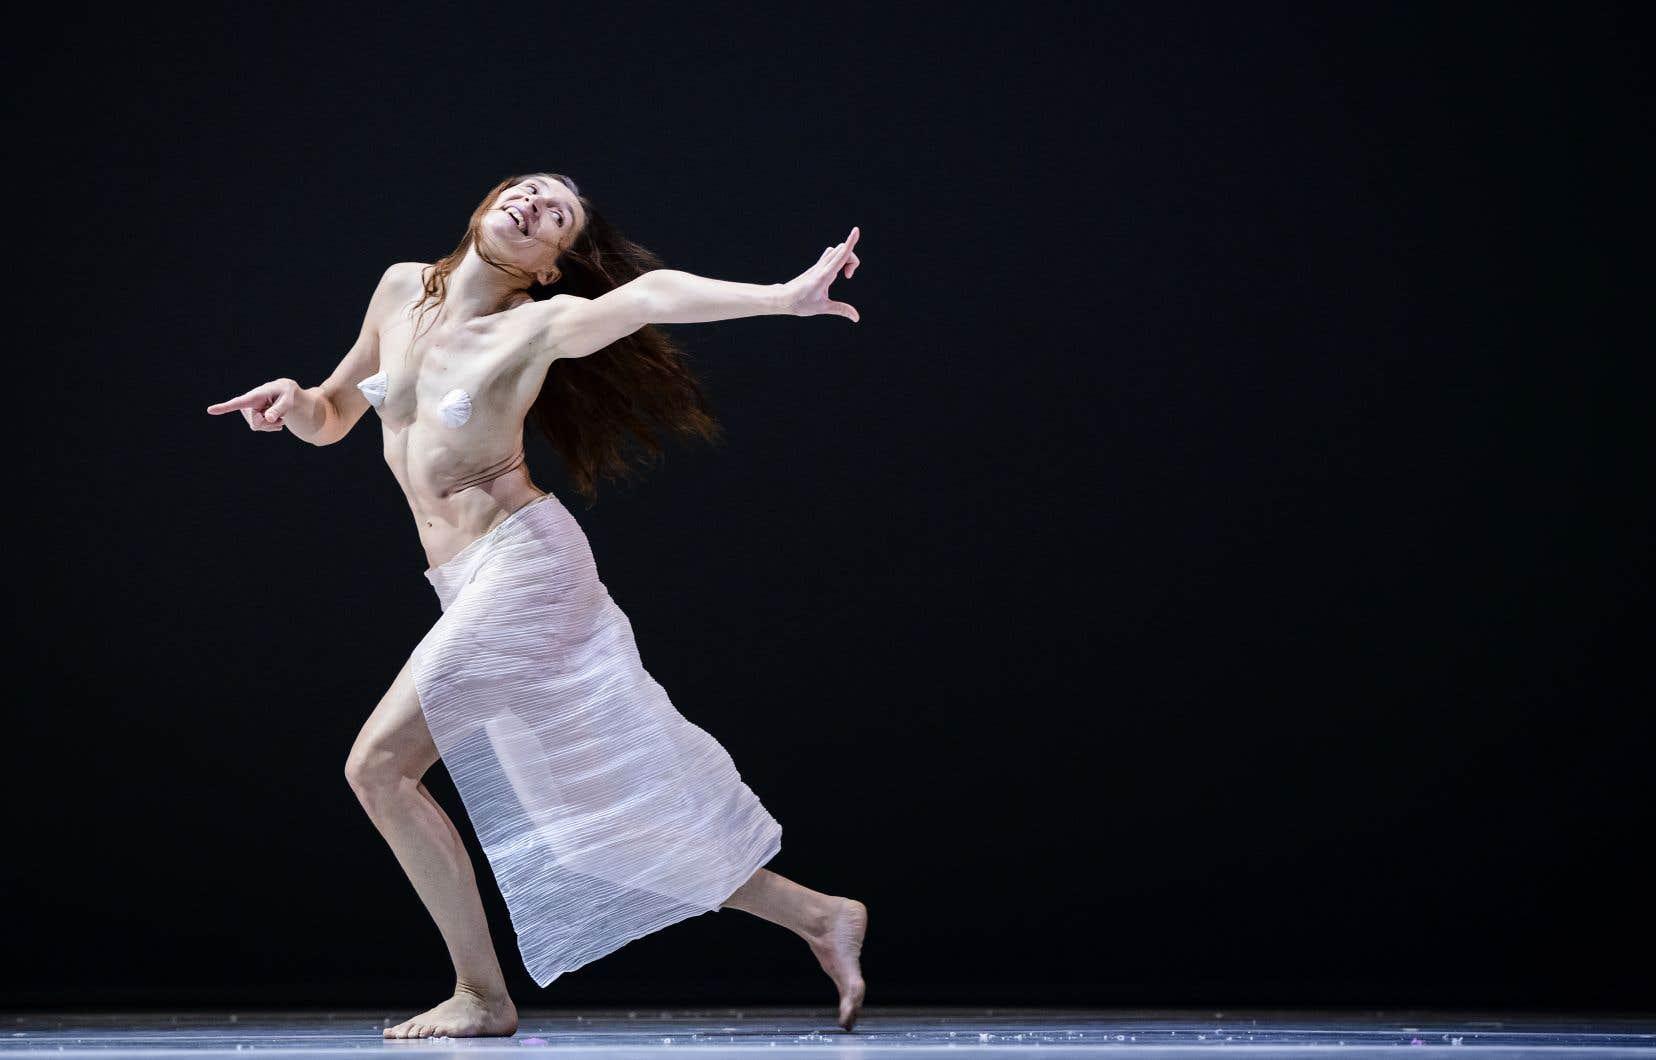 Les sons émis par les danseurs, qui occupent une place essentielle dans l'œuvre, sont accompagnés par les visages très mobiles qu'on voit souvent chez Chouinard.